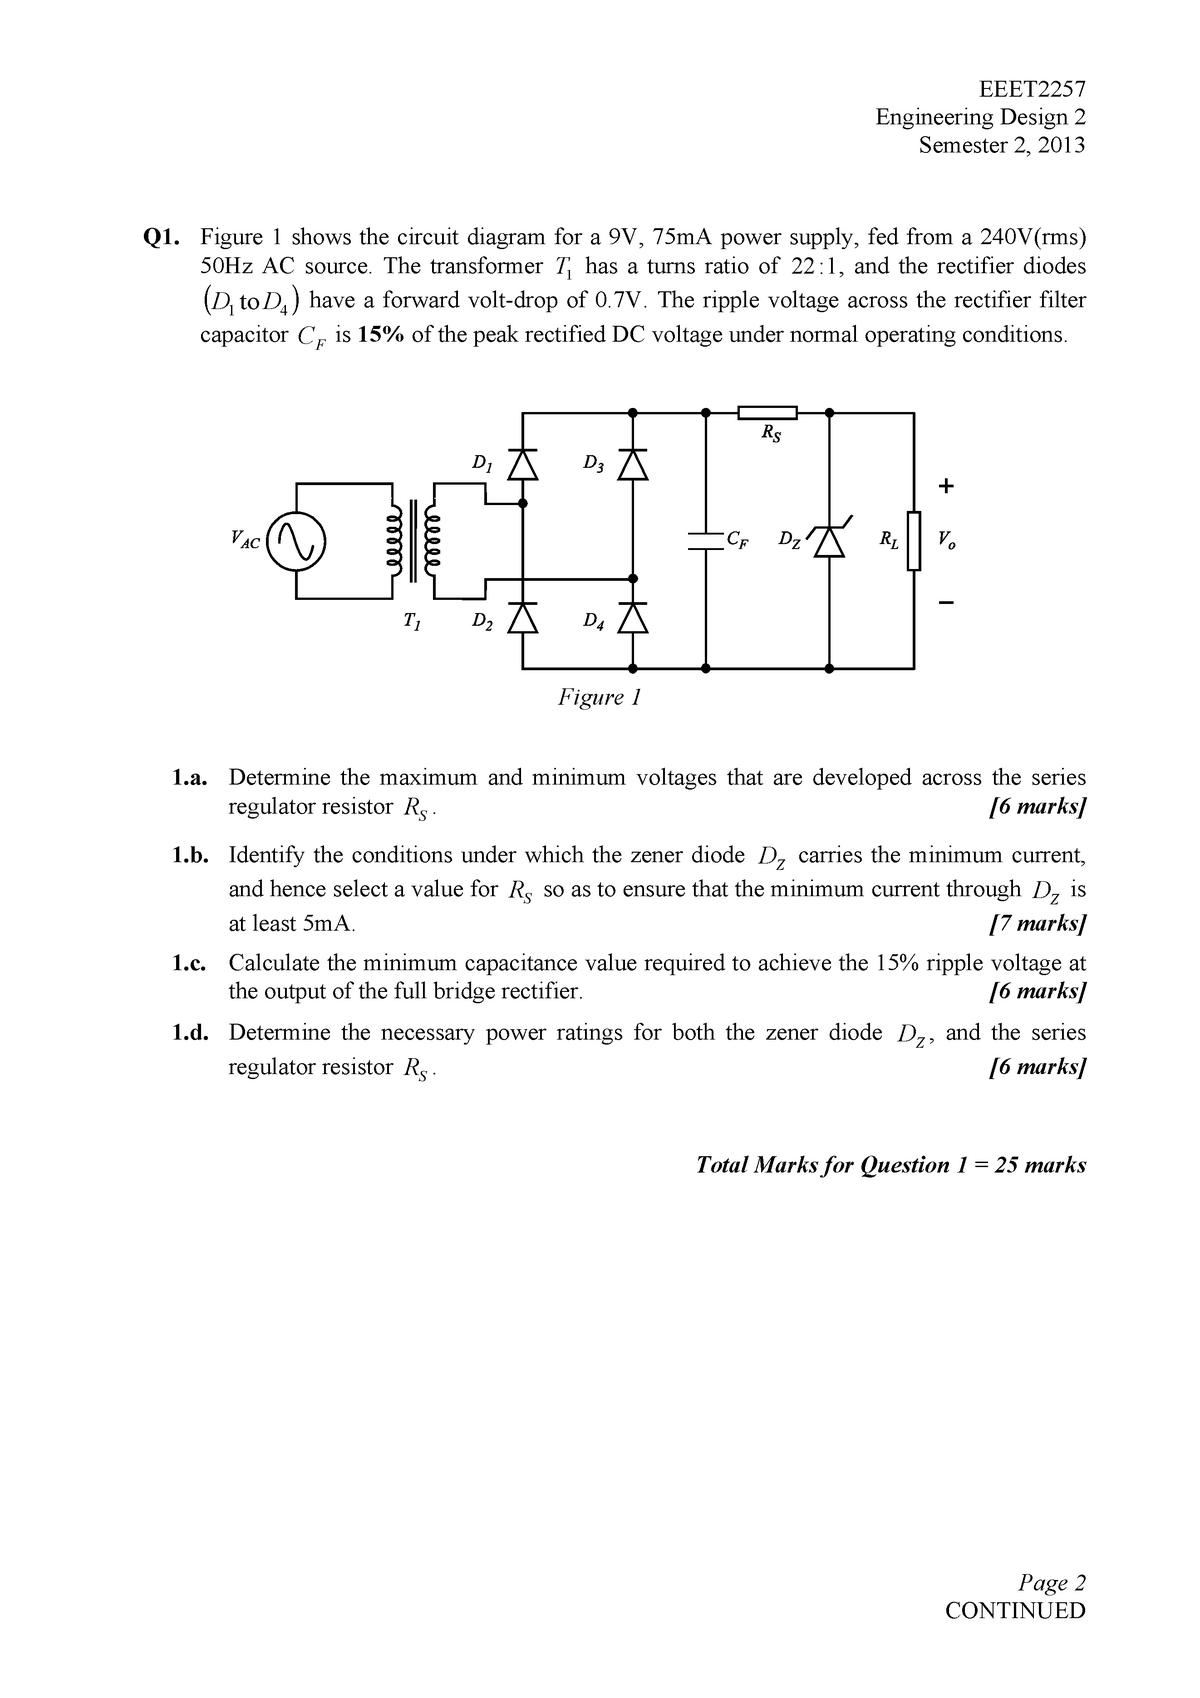 Exam 2013 - EEET2257: Engineering Design 2 - StuDocu